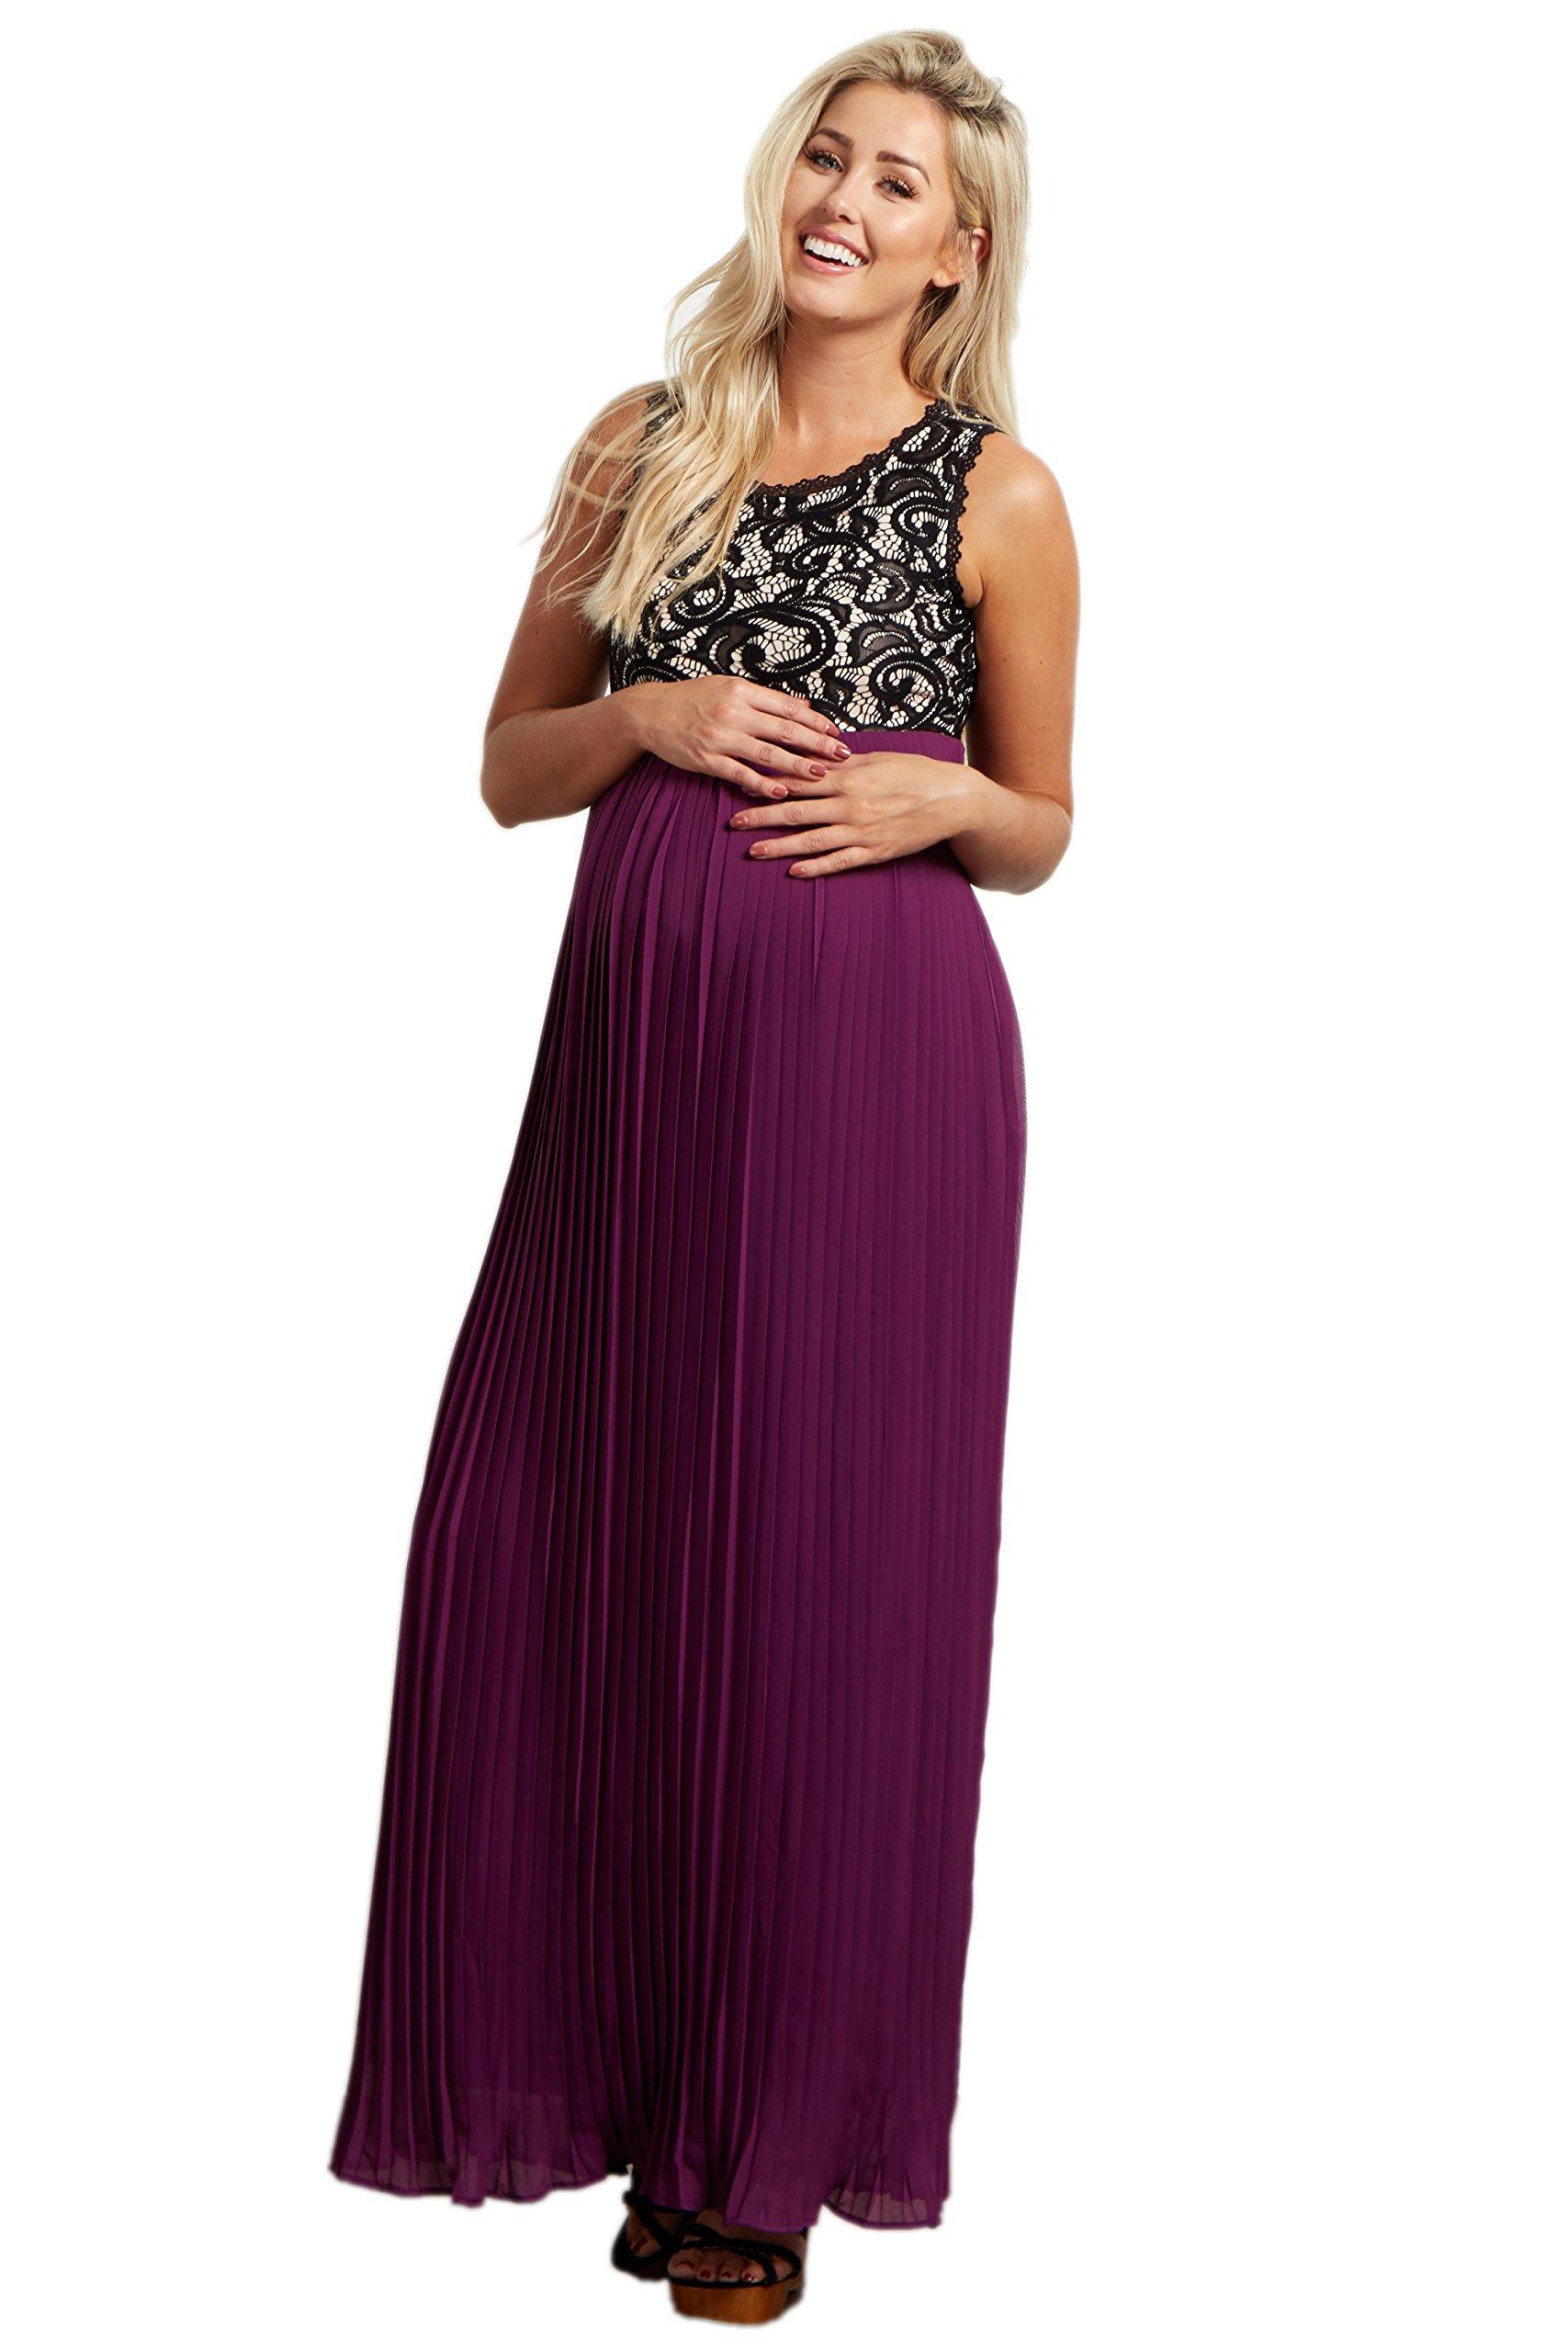 PinkBlush Maternity Purple Pleated Chiffon Lace Top Maxi Dress, Large